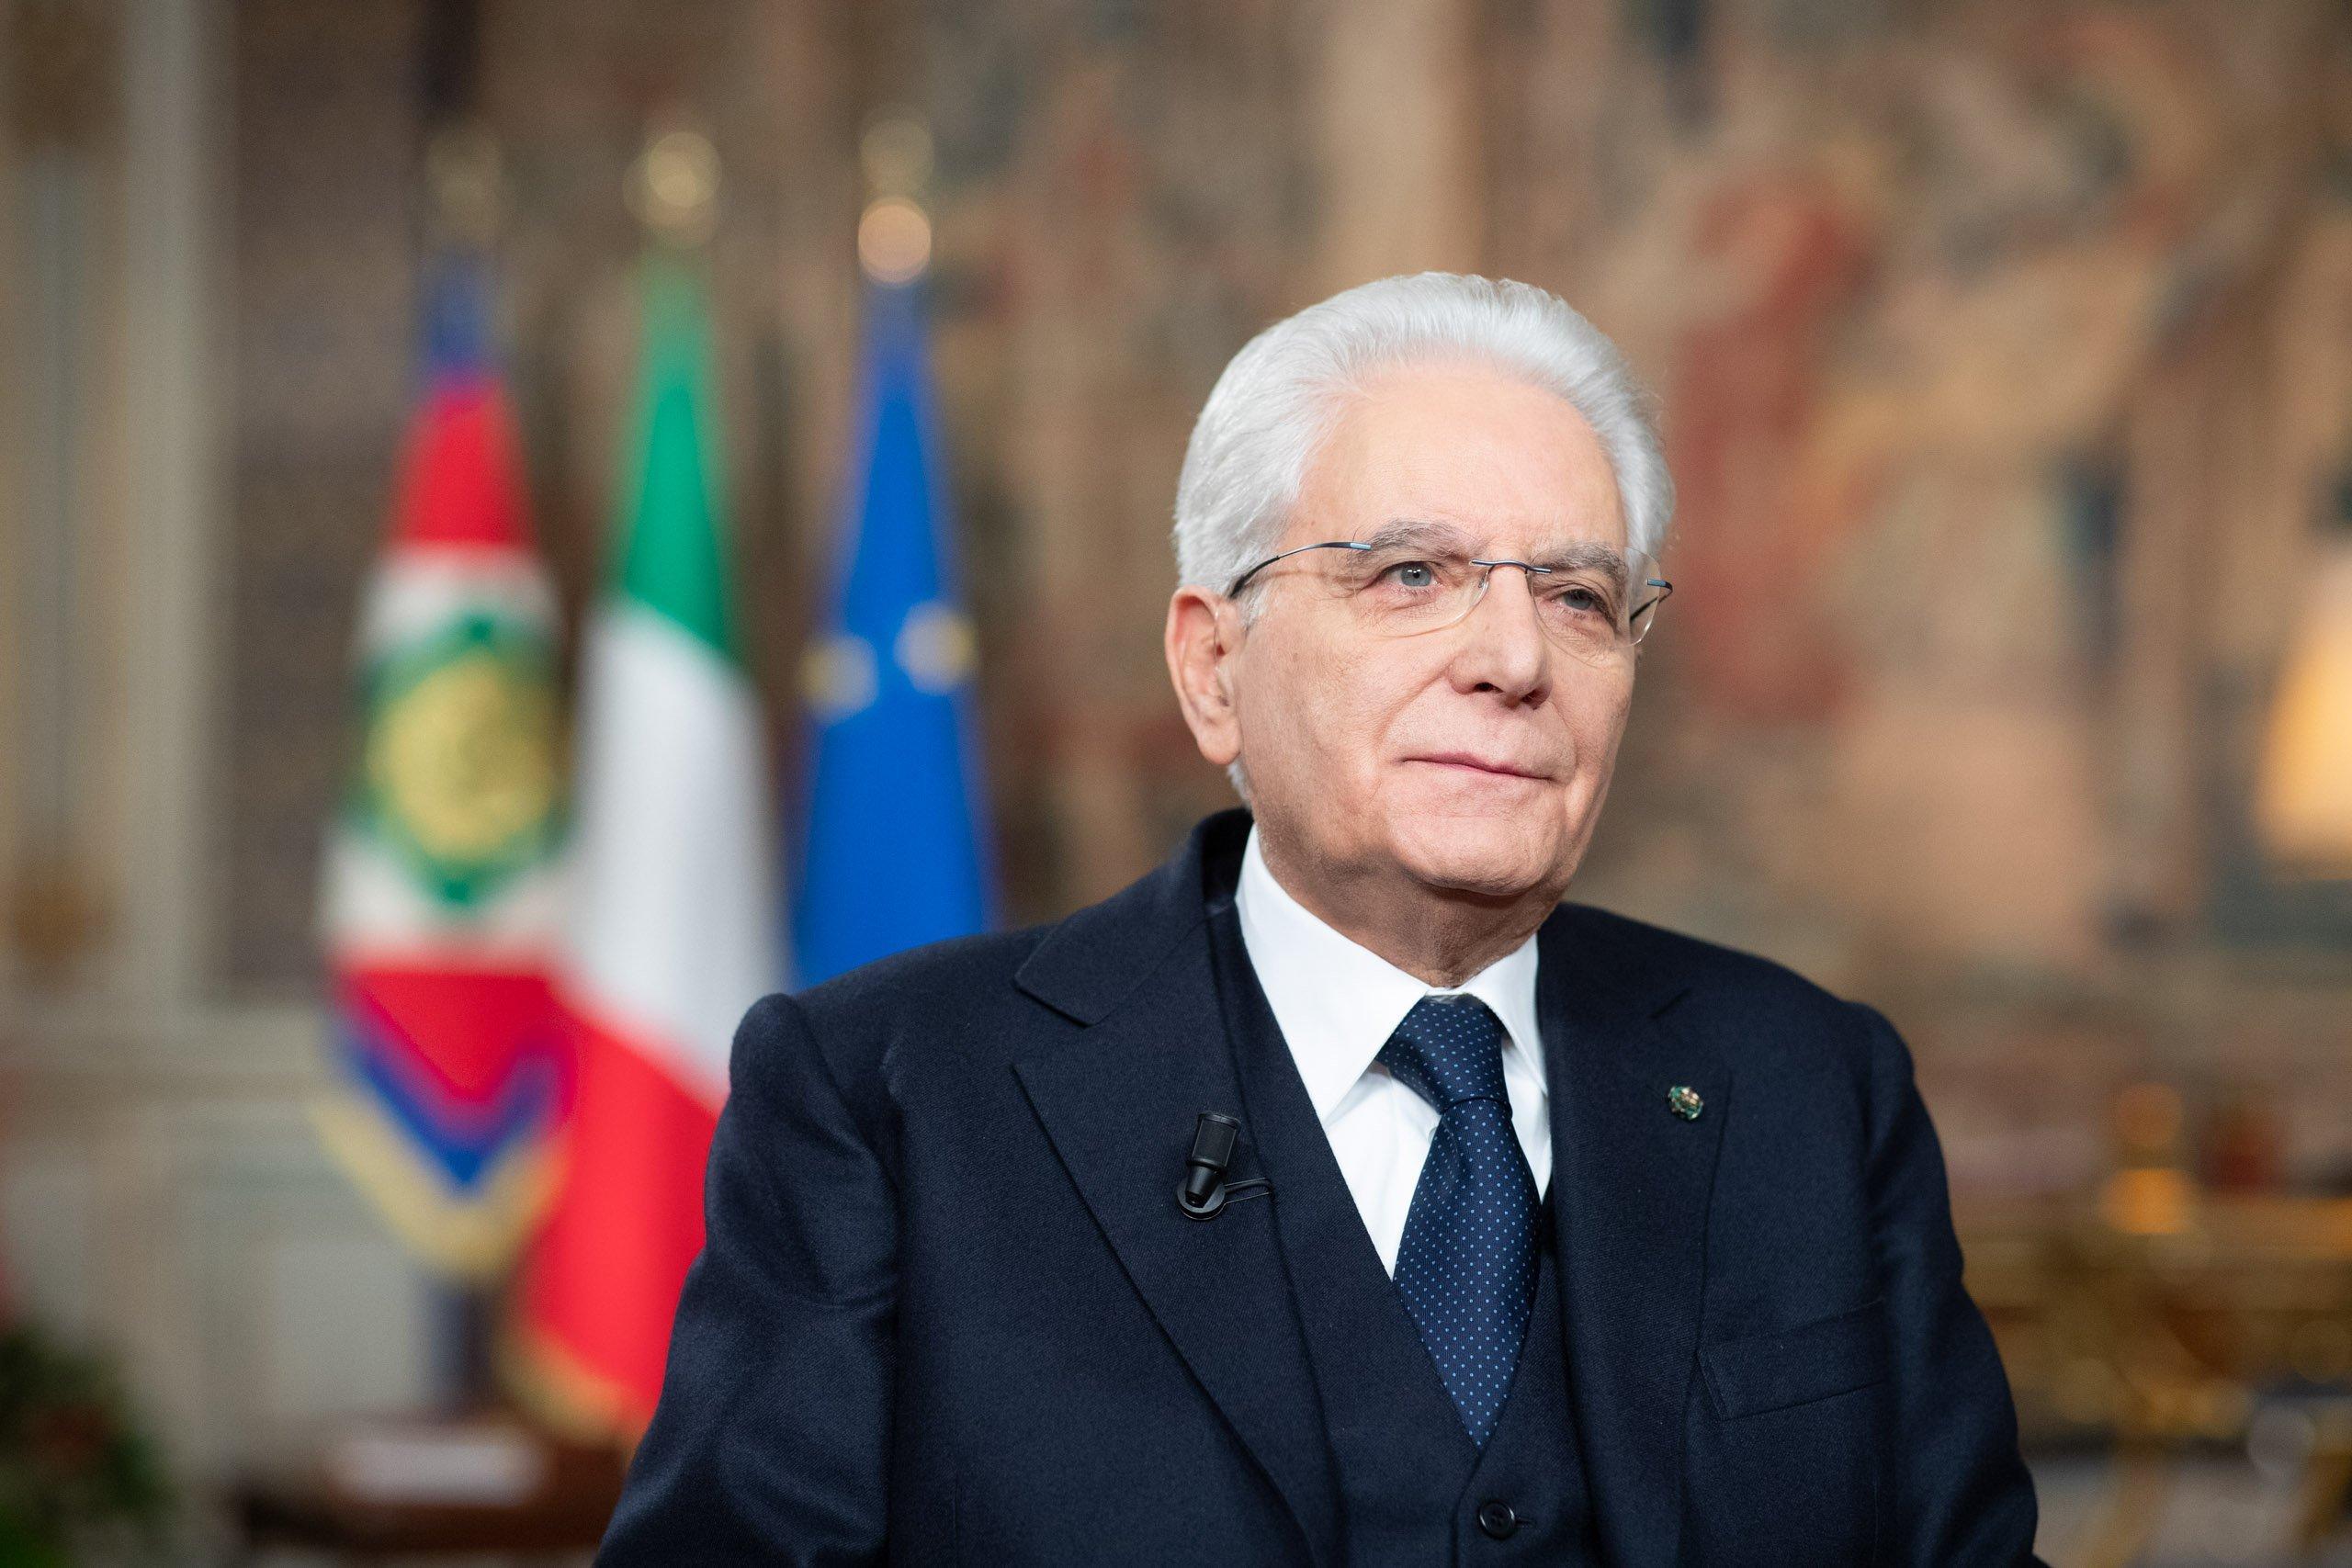 2 giugno, il messaggio di Mattarella ai Prefetti Presidente: crisi richiede unità, responsabilità, coesione